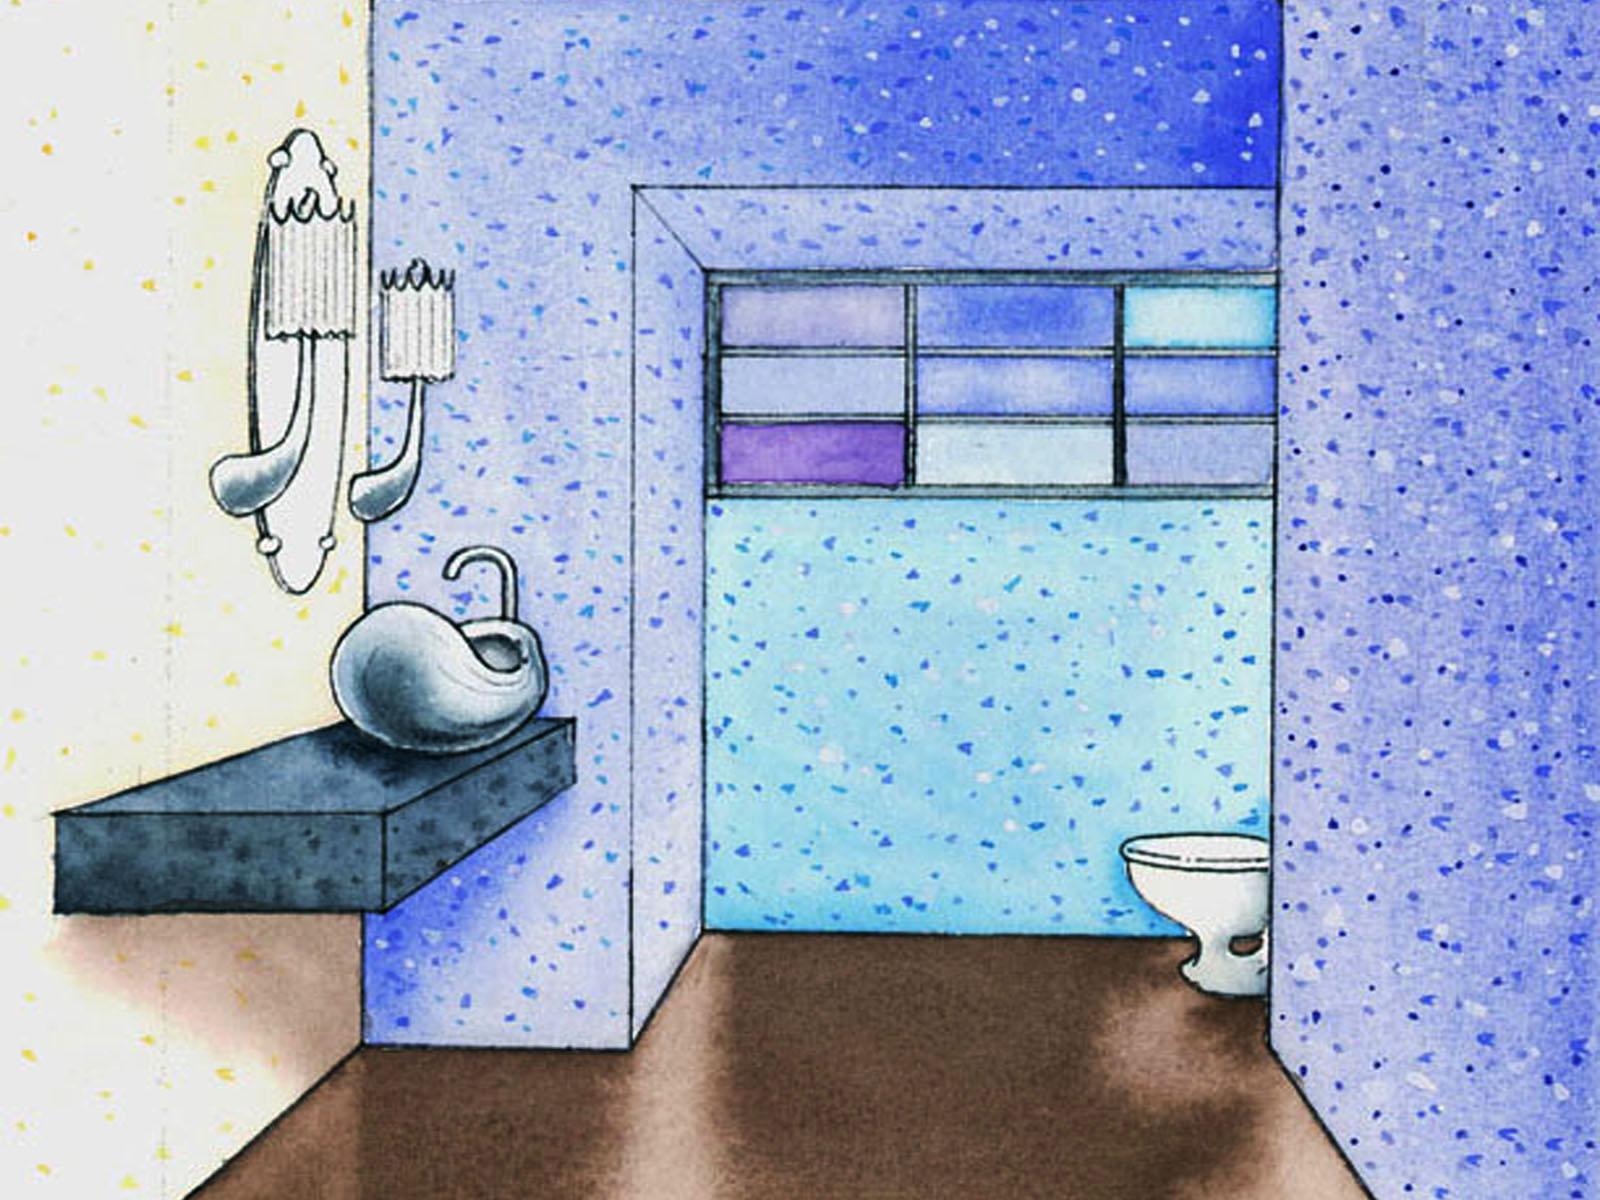 Watercolor Study of Bathroom